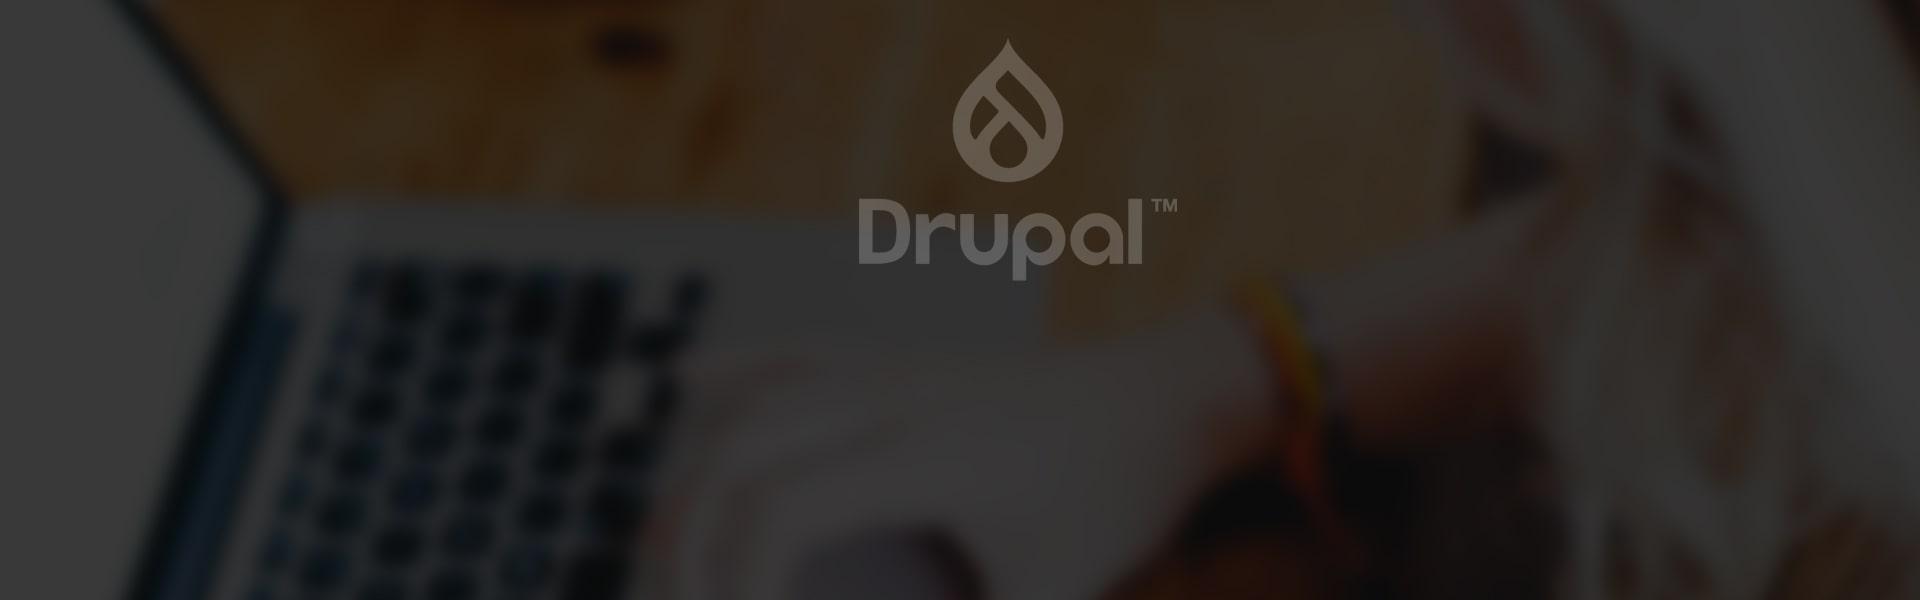 Drupal CMS Development Services